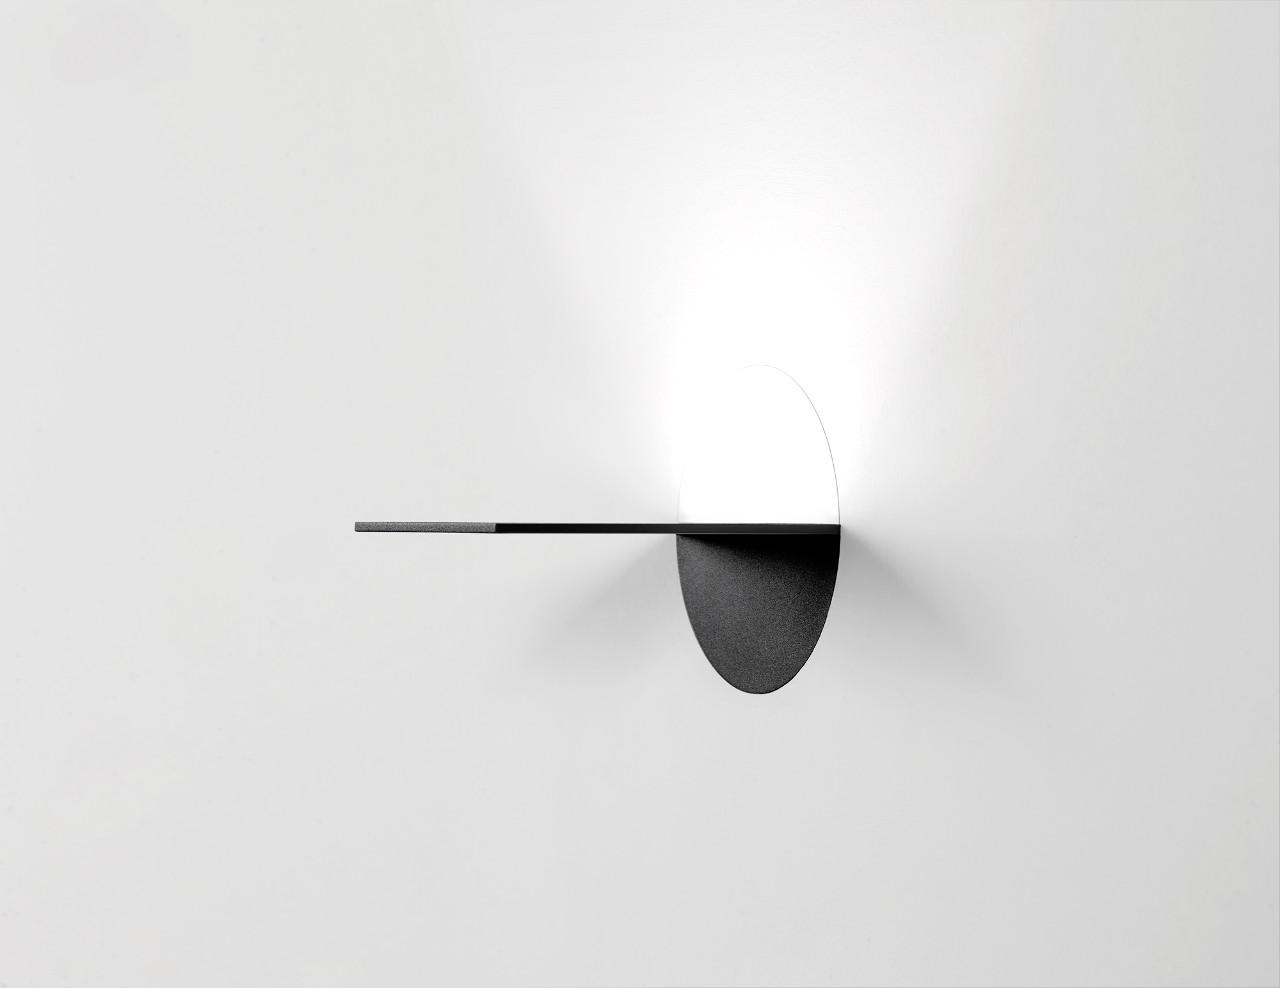 Прямоугольный светильник с круглой основой